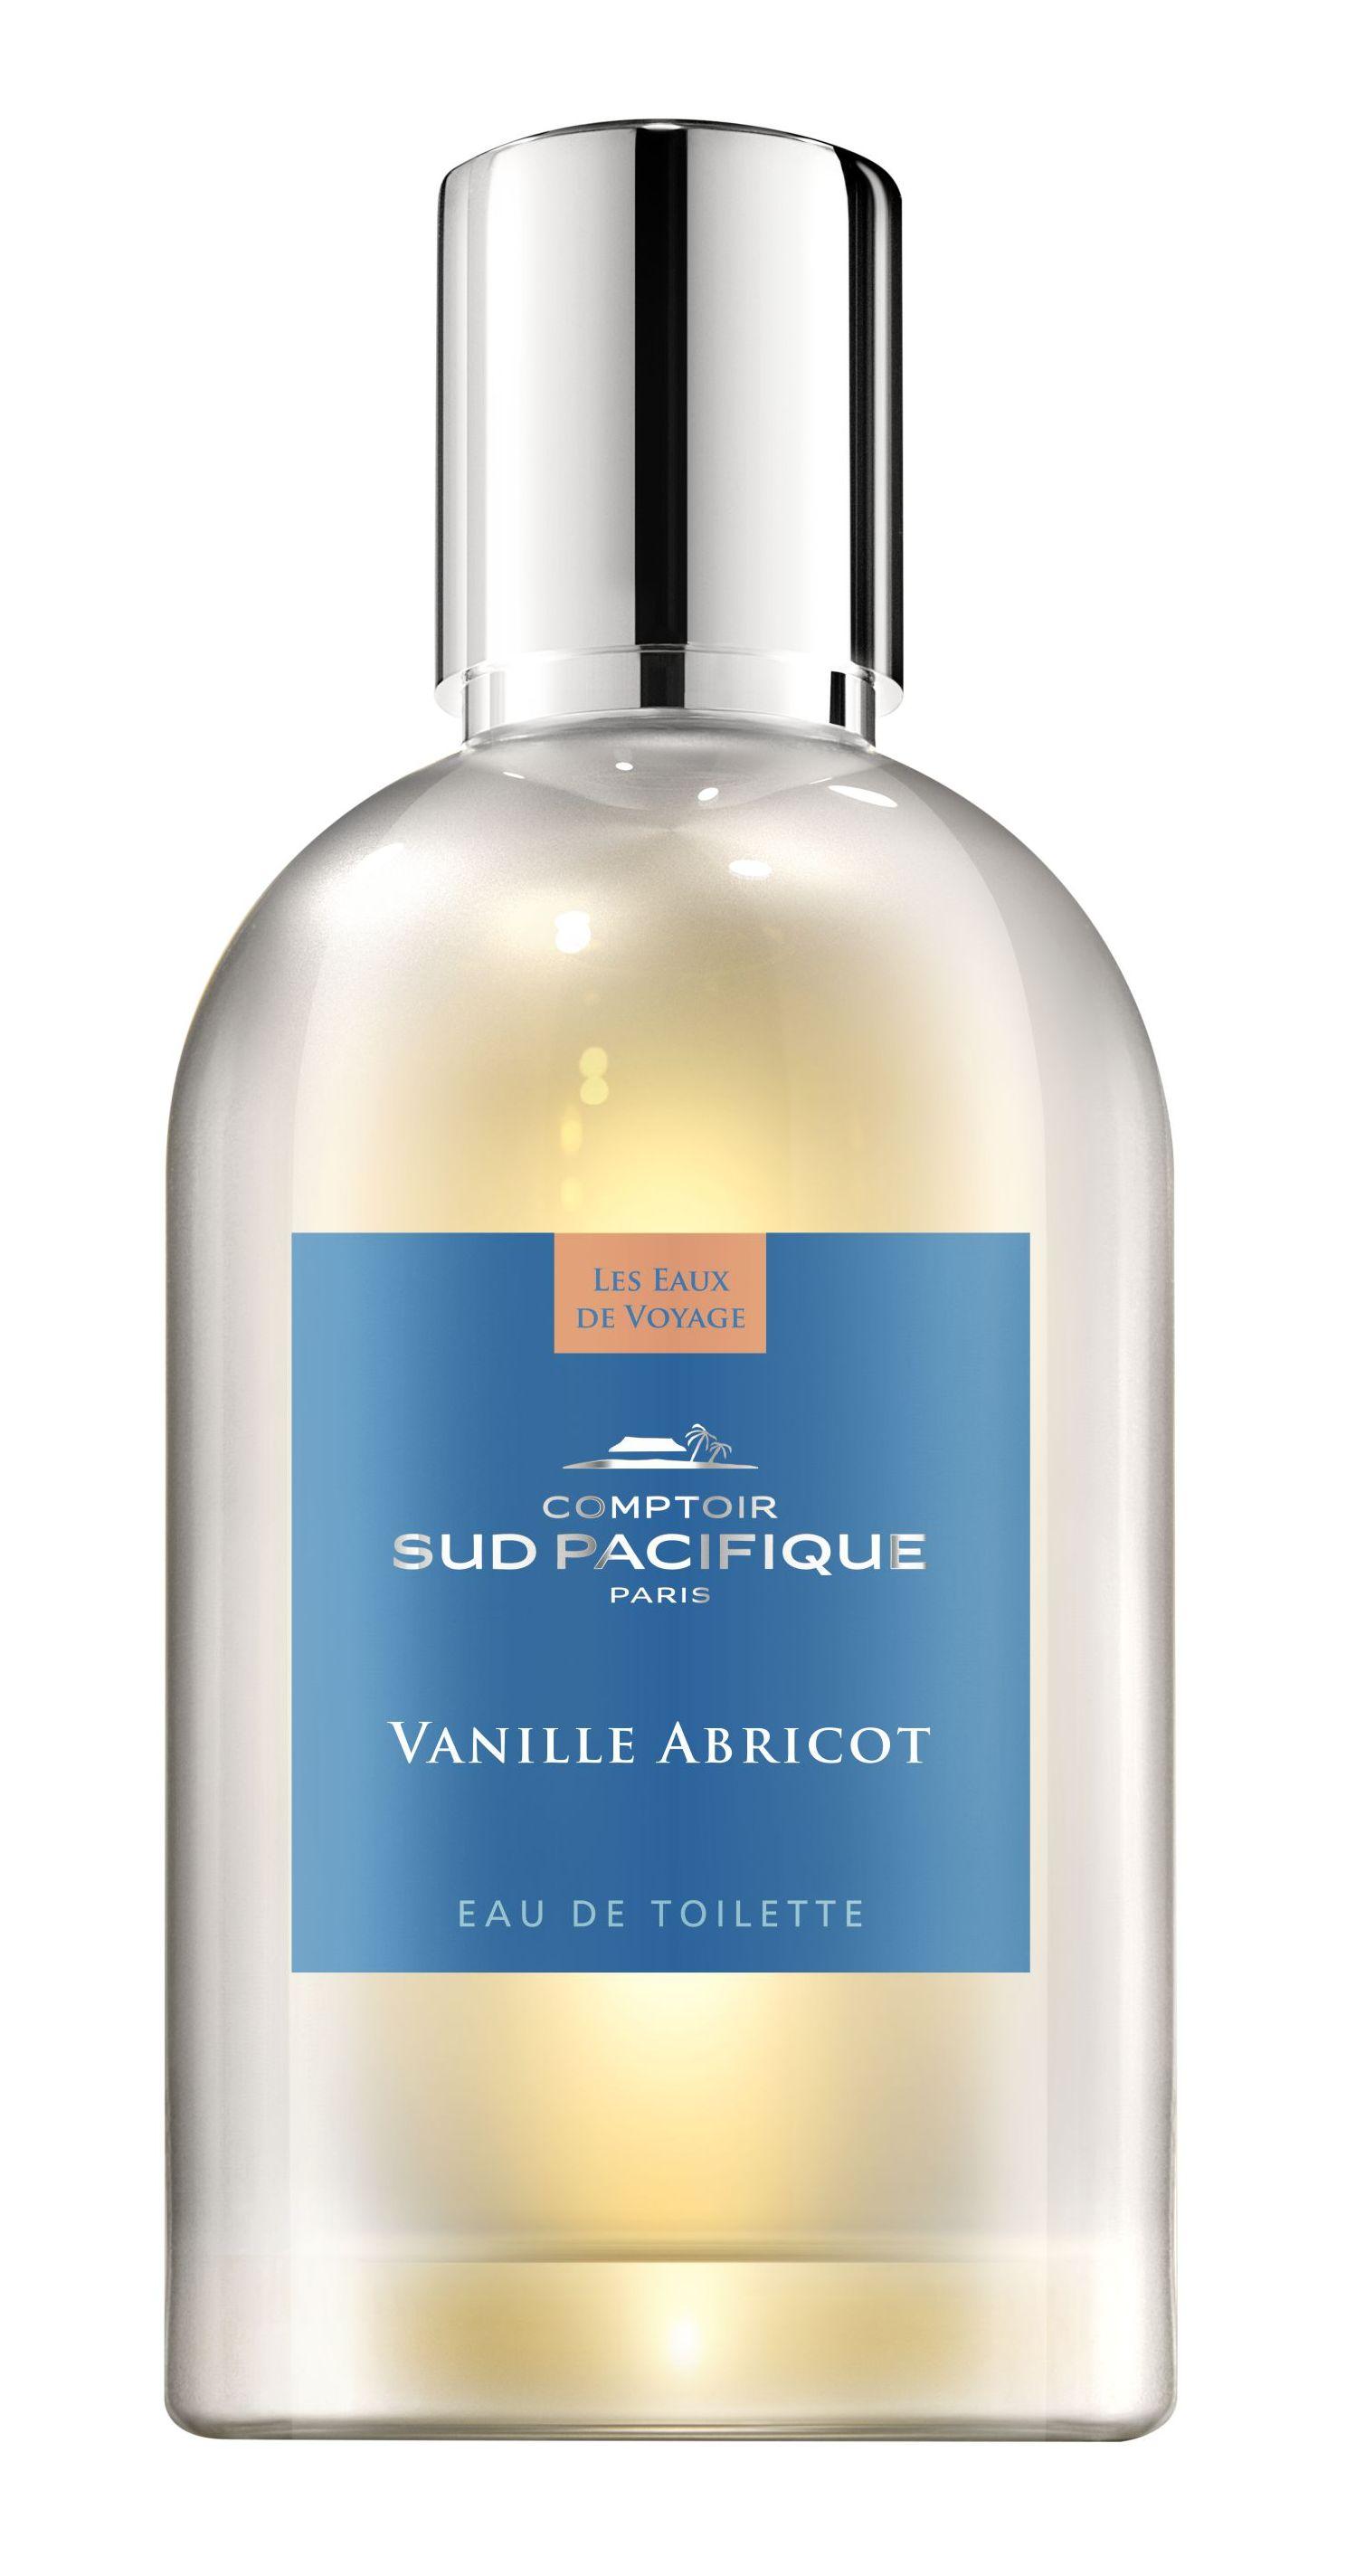 COMPTOIR SUD PACIFIQUE Вода туалетная Ваниль абрикос / LES EAUX DE VOYAGE 100 мл